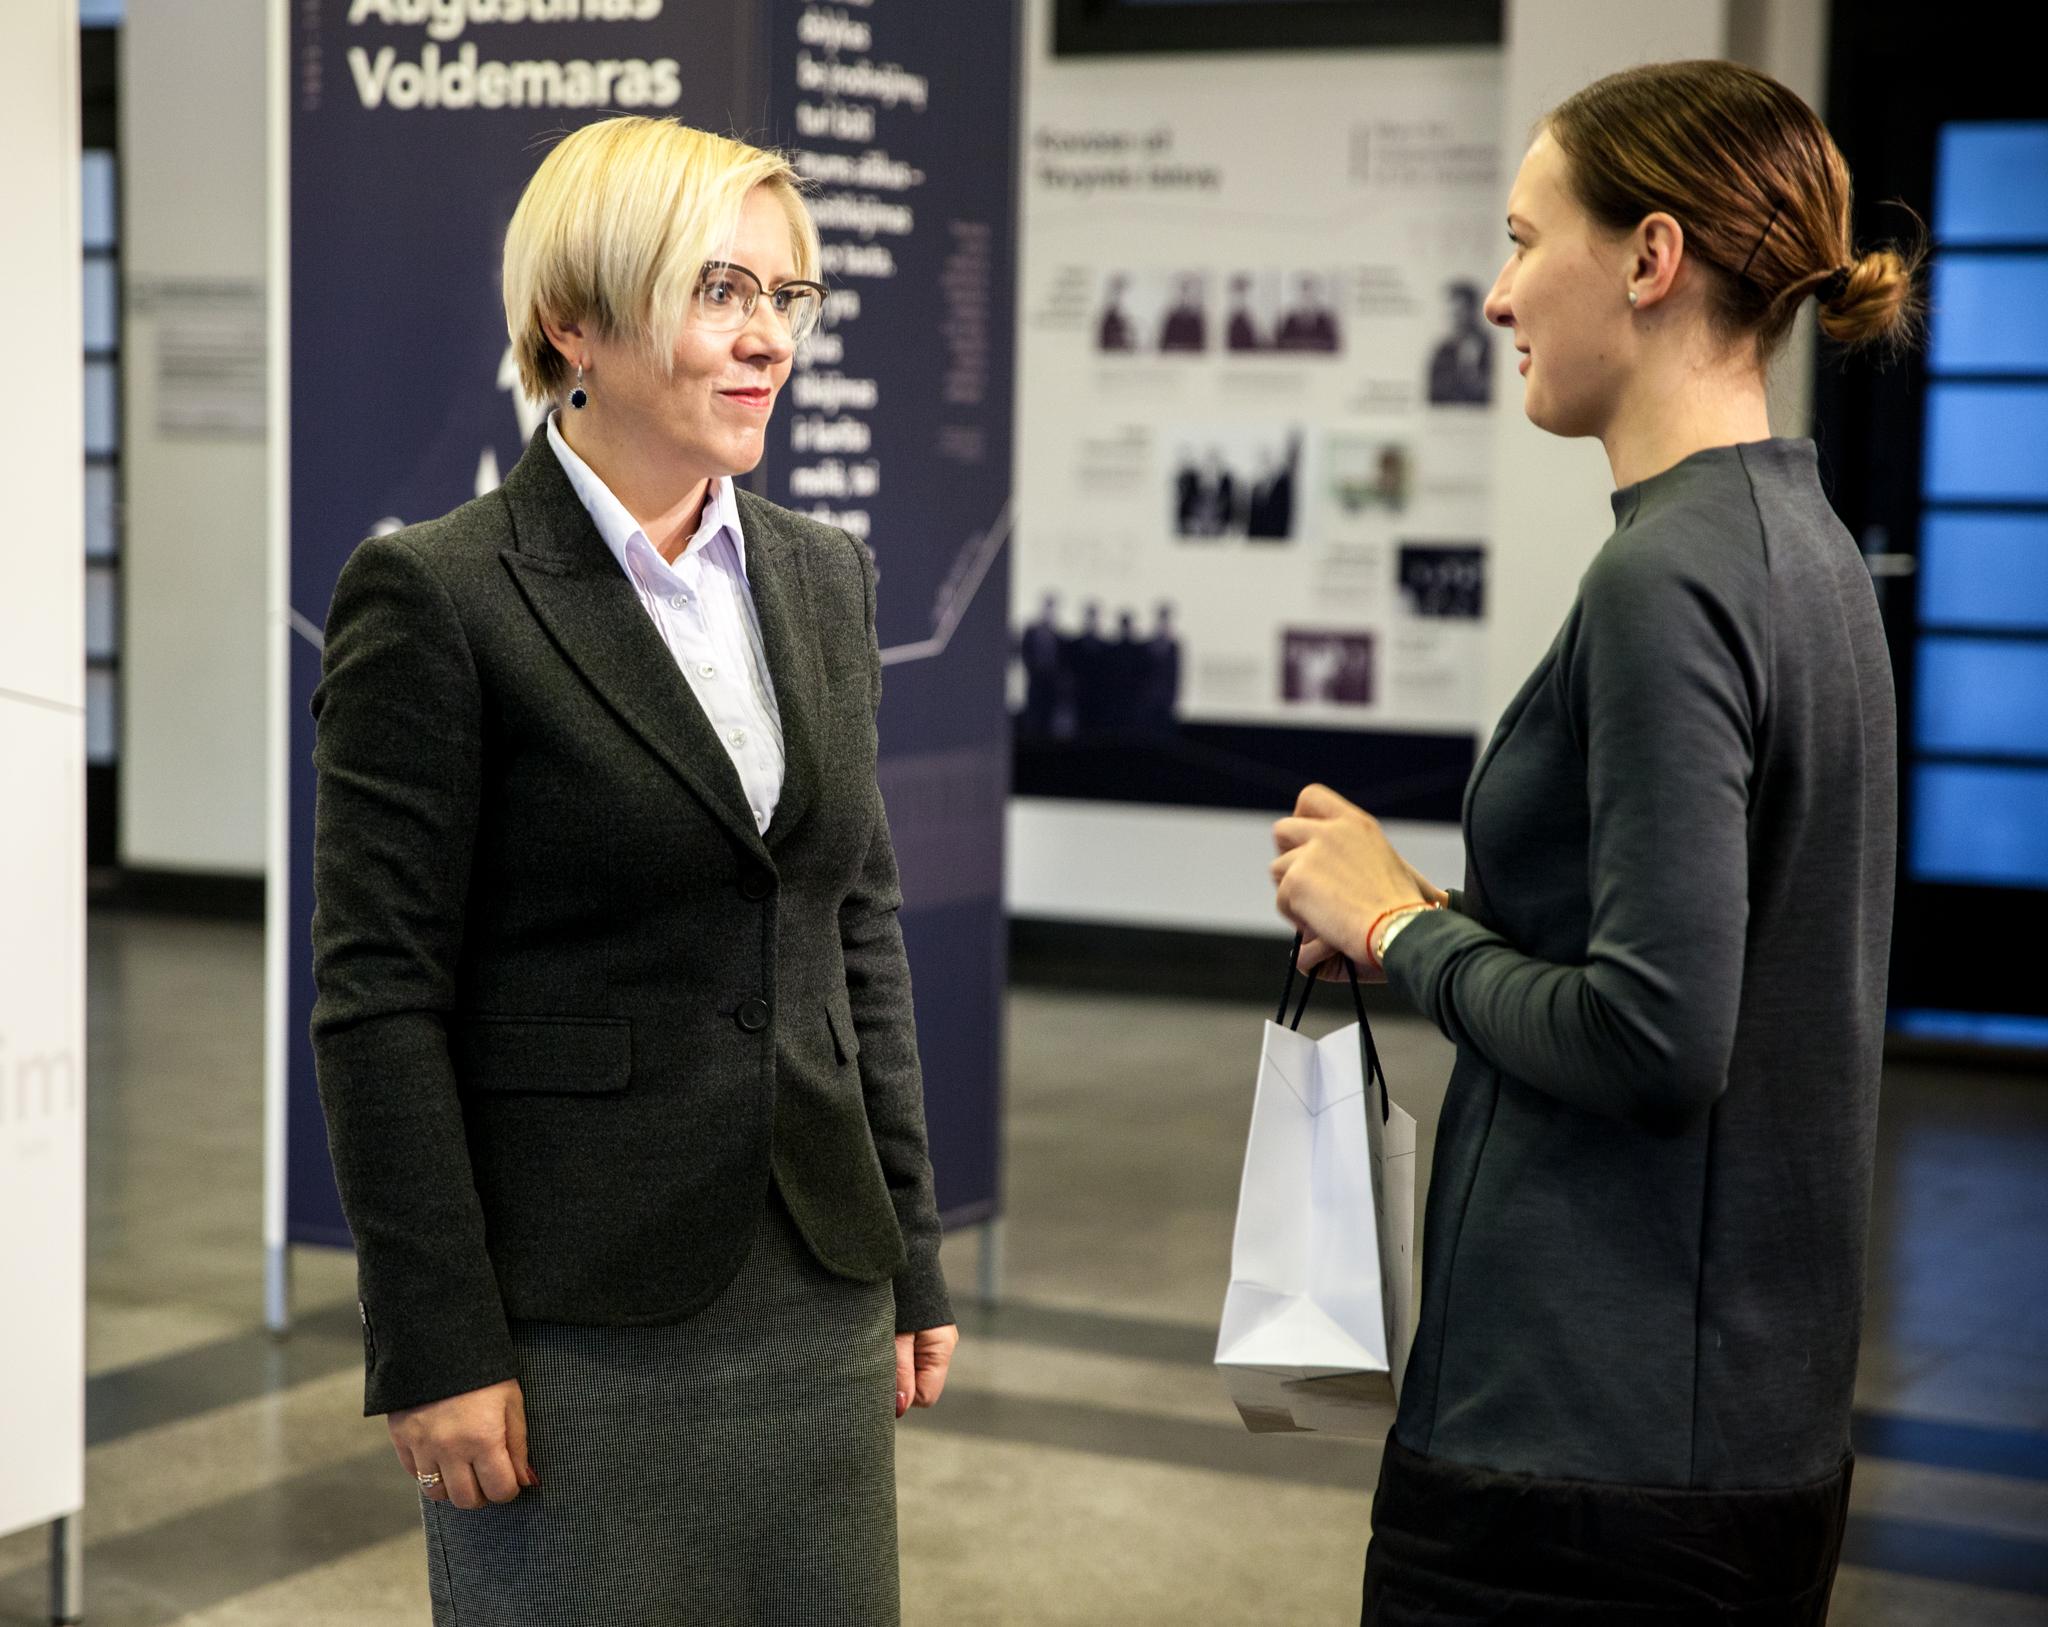 KTU Panevėžio fakulteto dekanė D. Žostautienė ir K. Aleksandravičiūtė | KTU nuotr.